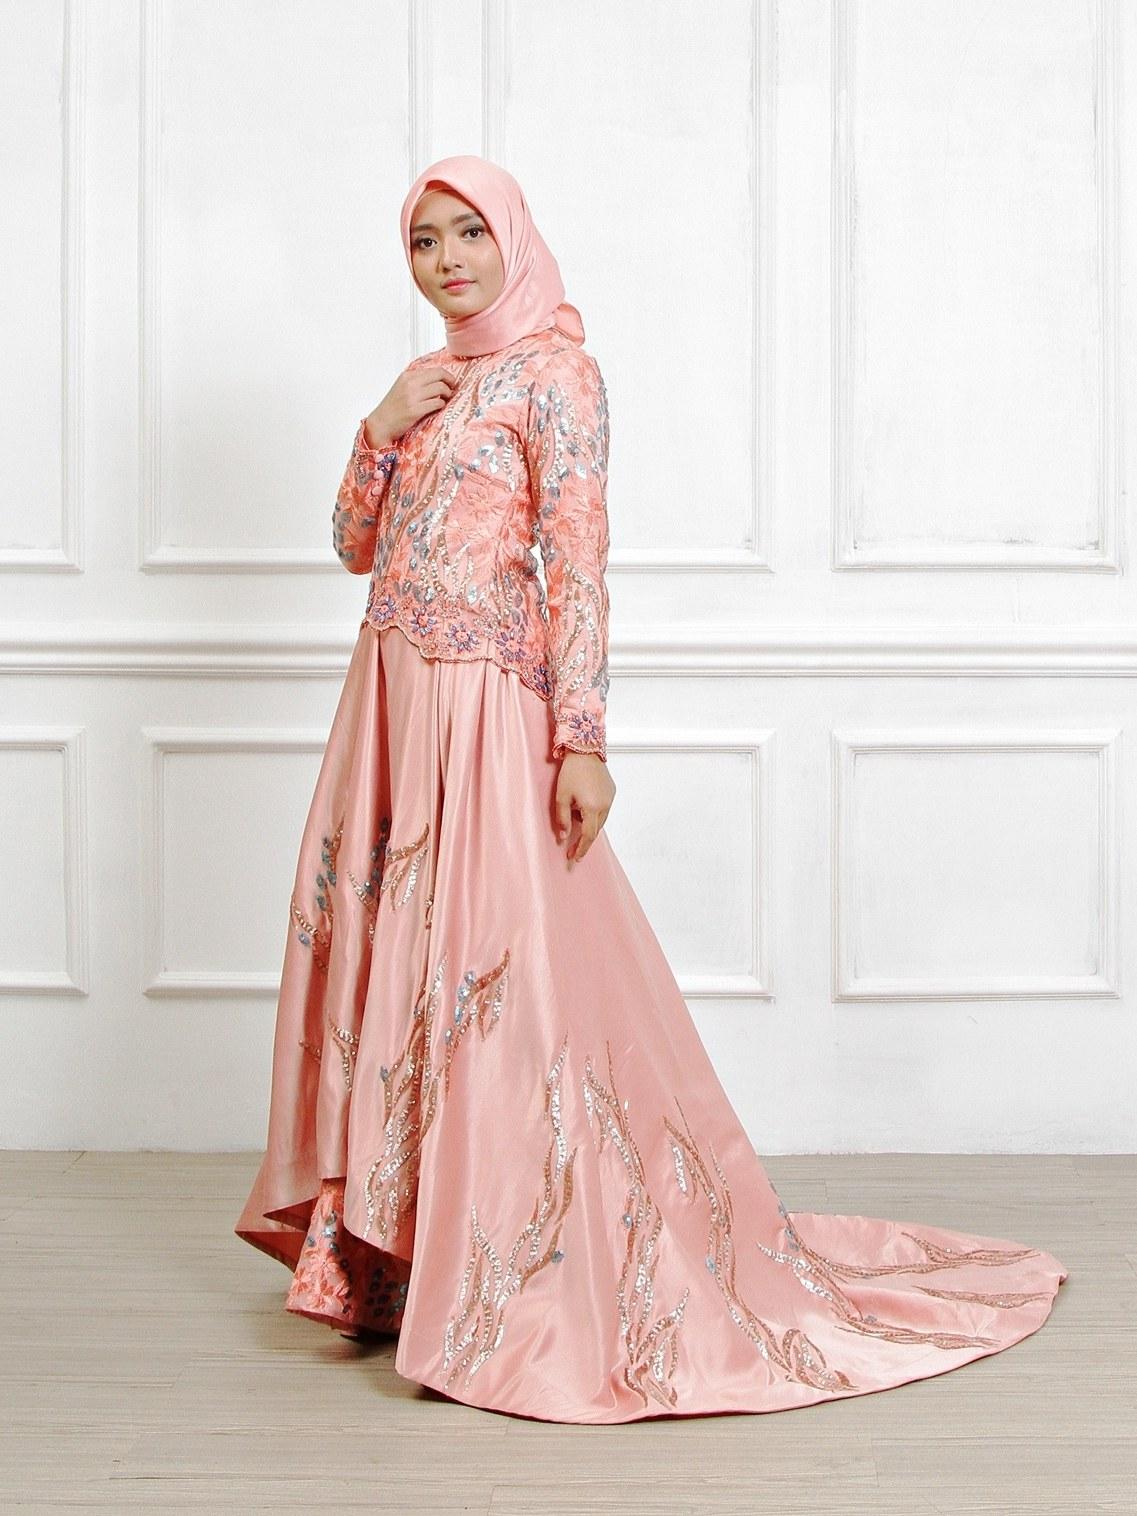 Bentuk Sewa Baju Pengantin Muslimah Dwdk Sewa Perdana Baju Pengantin Muslimah Jogja Gaun Pengantin